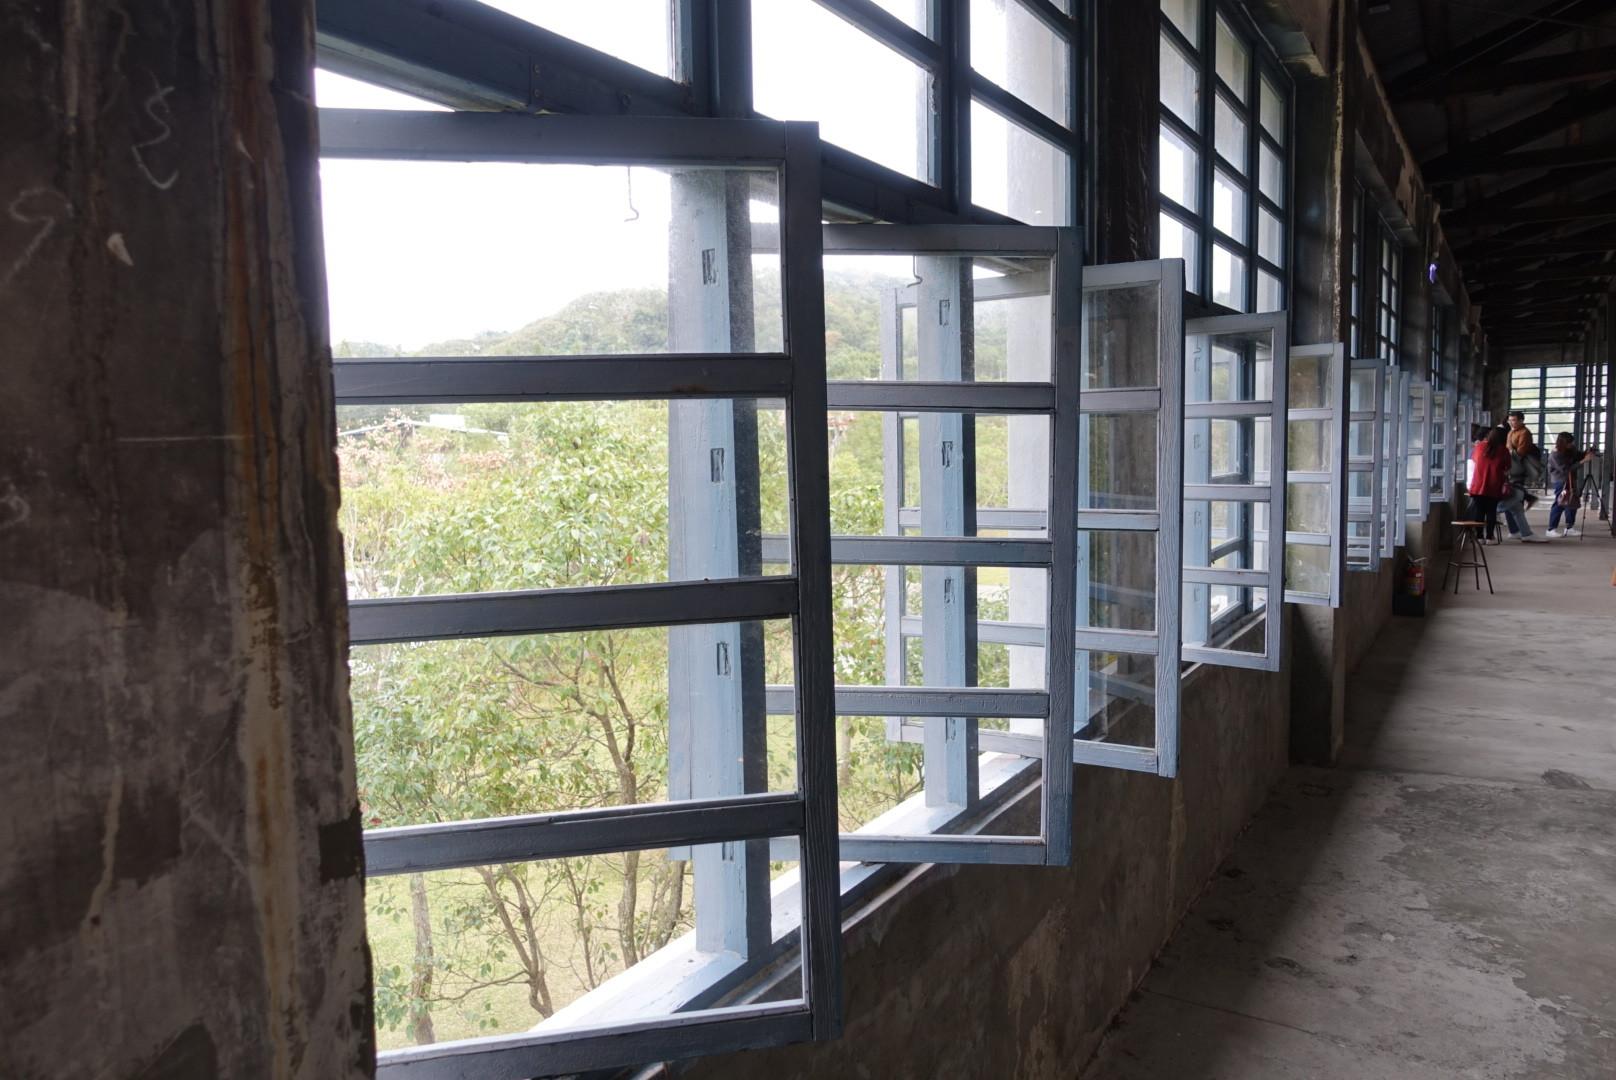 【桃園大溪】大溪老茶廠|超好拍的工業風老茶廠,在茶香中體驗歲月遺存足跡